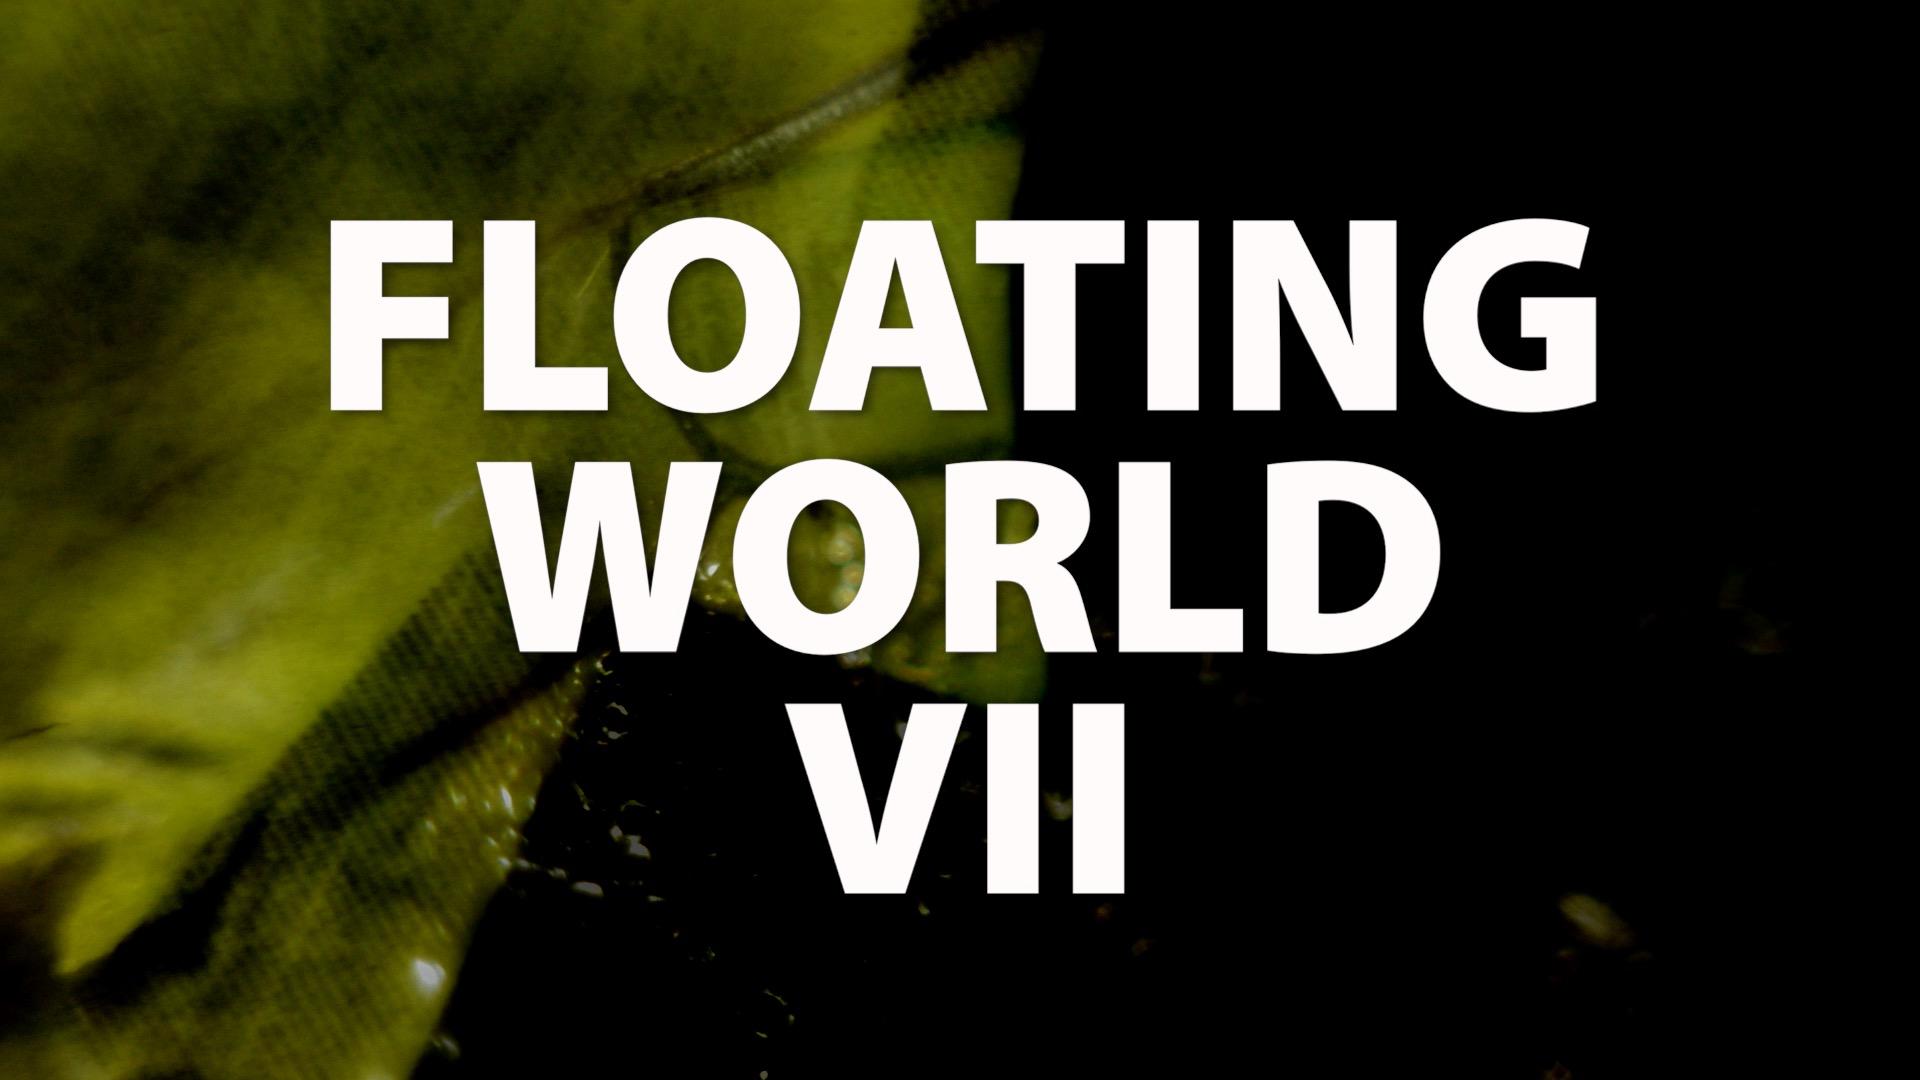 Floating World VII